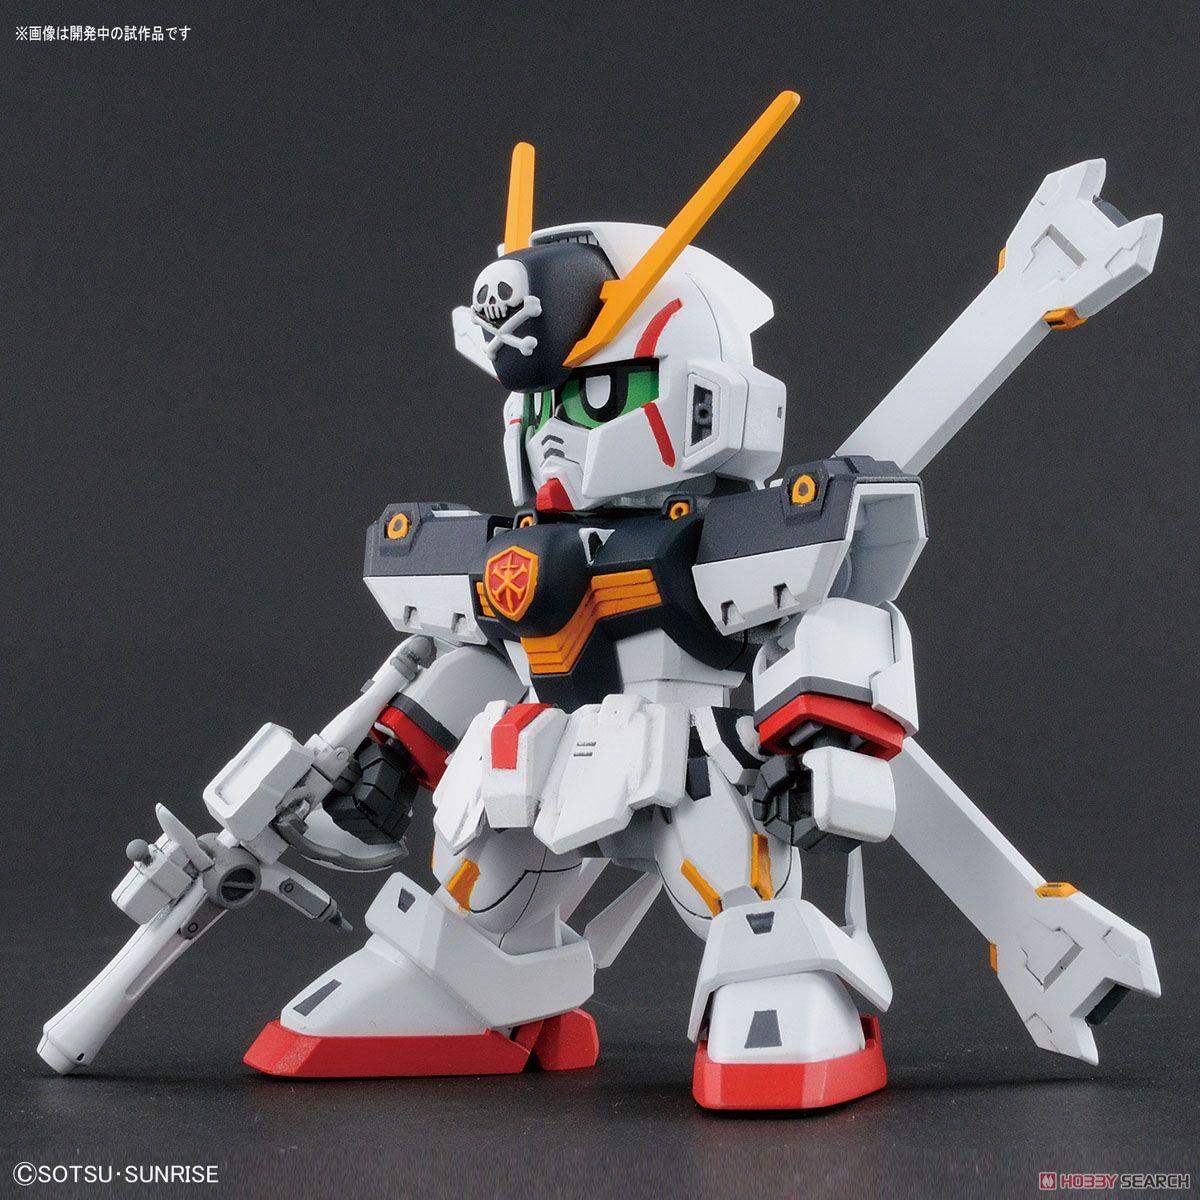 ☆勳寶玩具舖【鋼彈現貨】BANDAI 組裝模型 SDCS #02 骷髏鋼彈 X-1